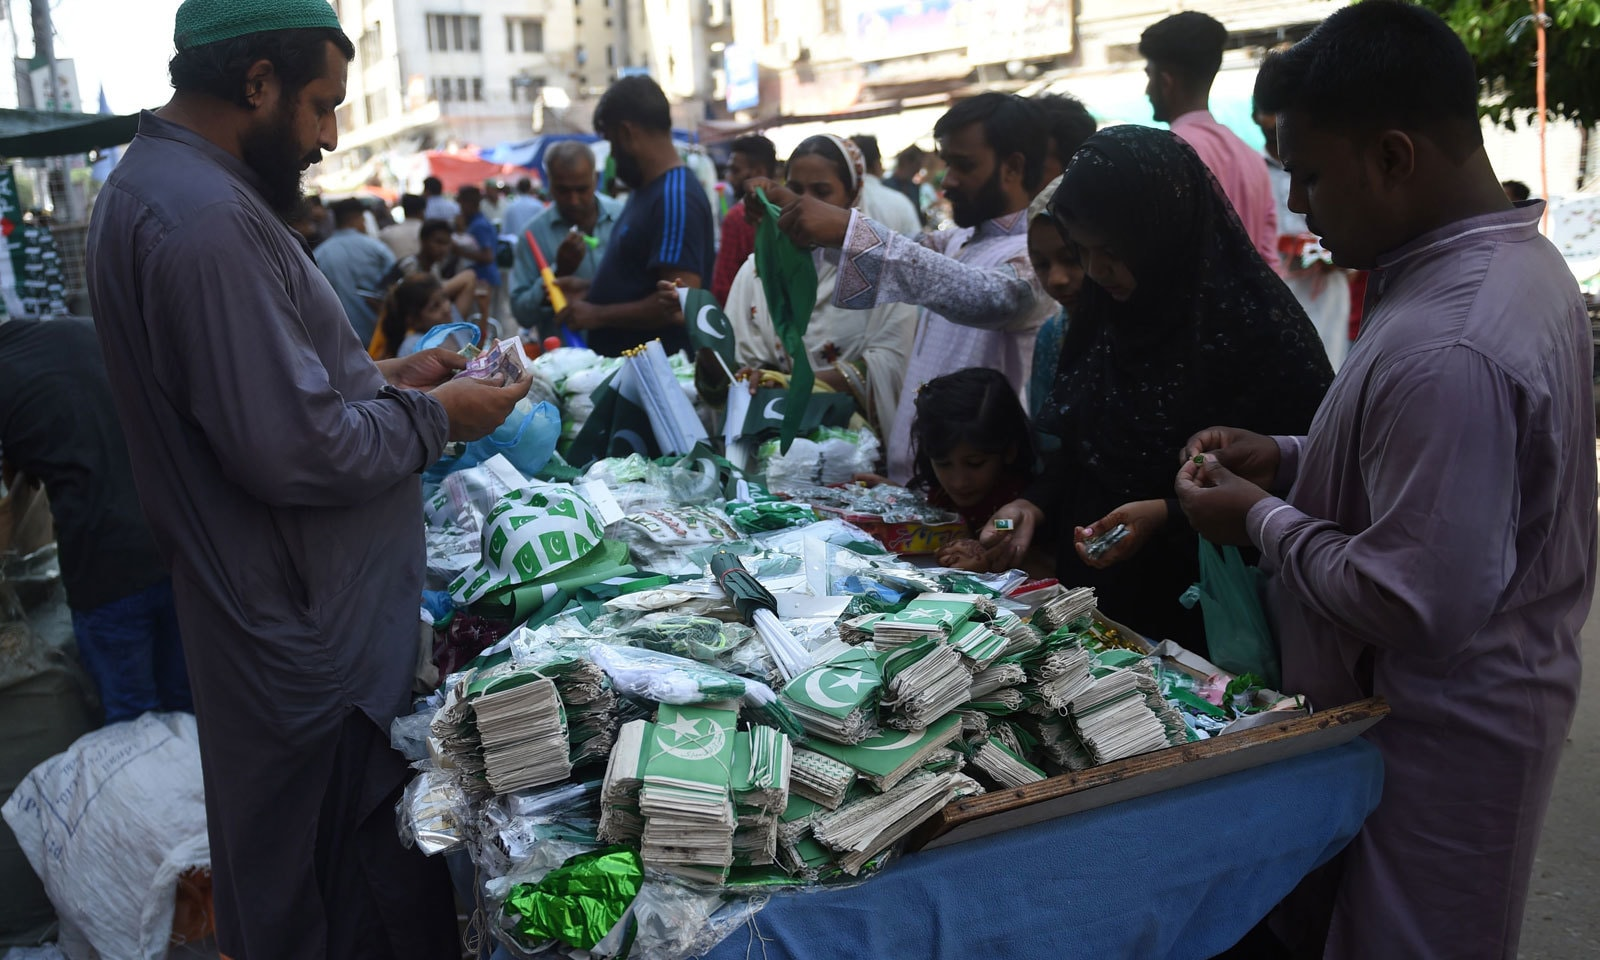 پاکستانی قوم نے یوم آزادی پر کشمیری عوام کو بھی یاد رکھا — فوٹو: اے ایف  پی